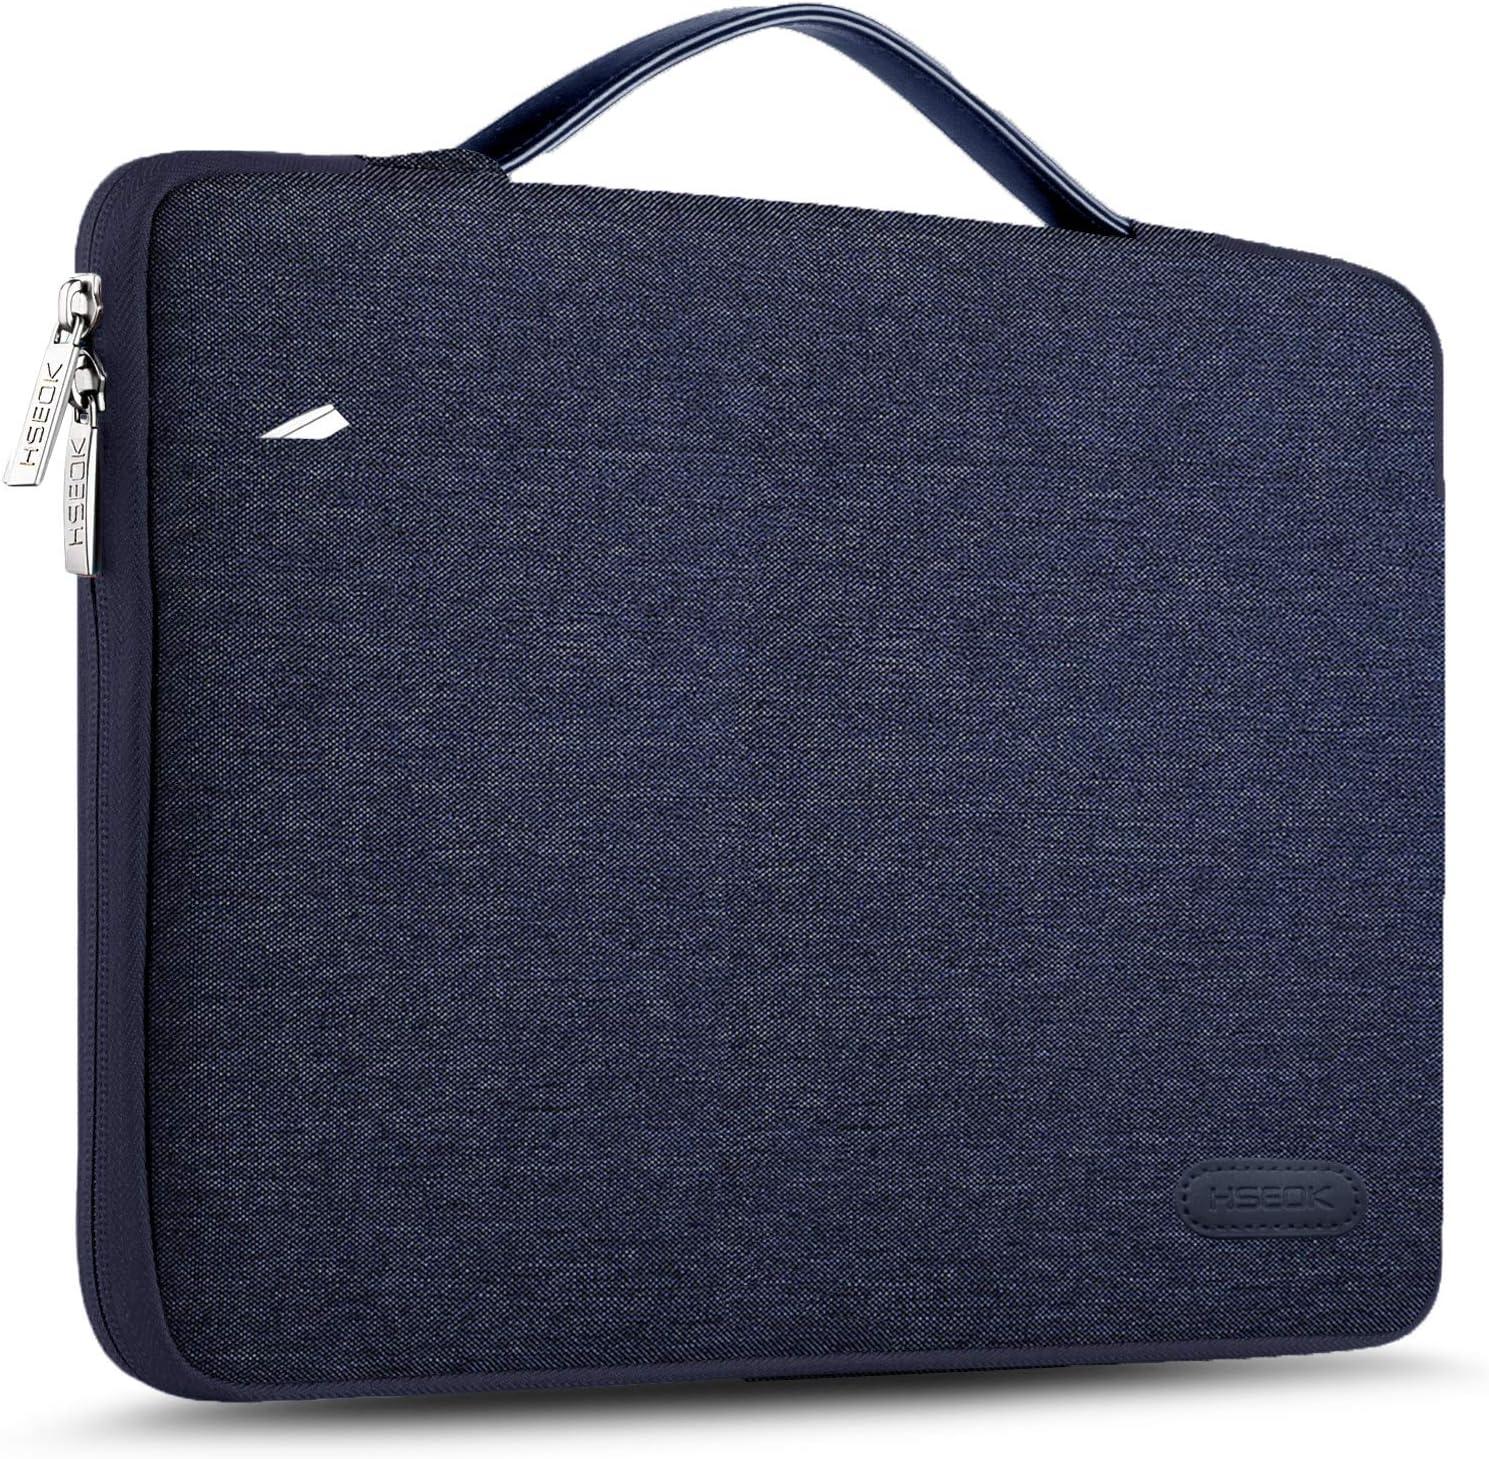 HSEOK 15 15,6 16 Pollici Borsa Portatile Custodia Protettiva Super Sottile Impermeabile Ventiquattrore per MacBook 15 16 e 15-16 dell Lenovo HP ASUS Acer Sony Yoga Jacquard Argento Blu